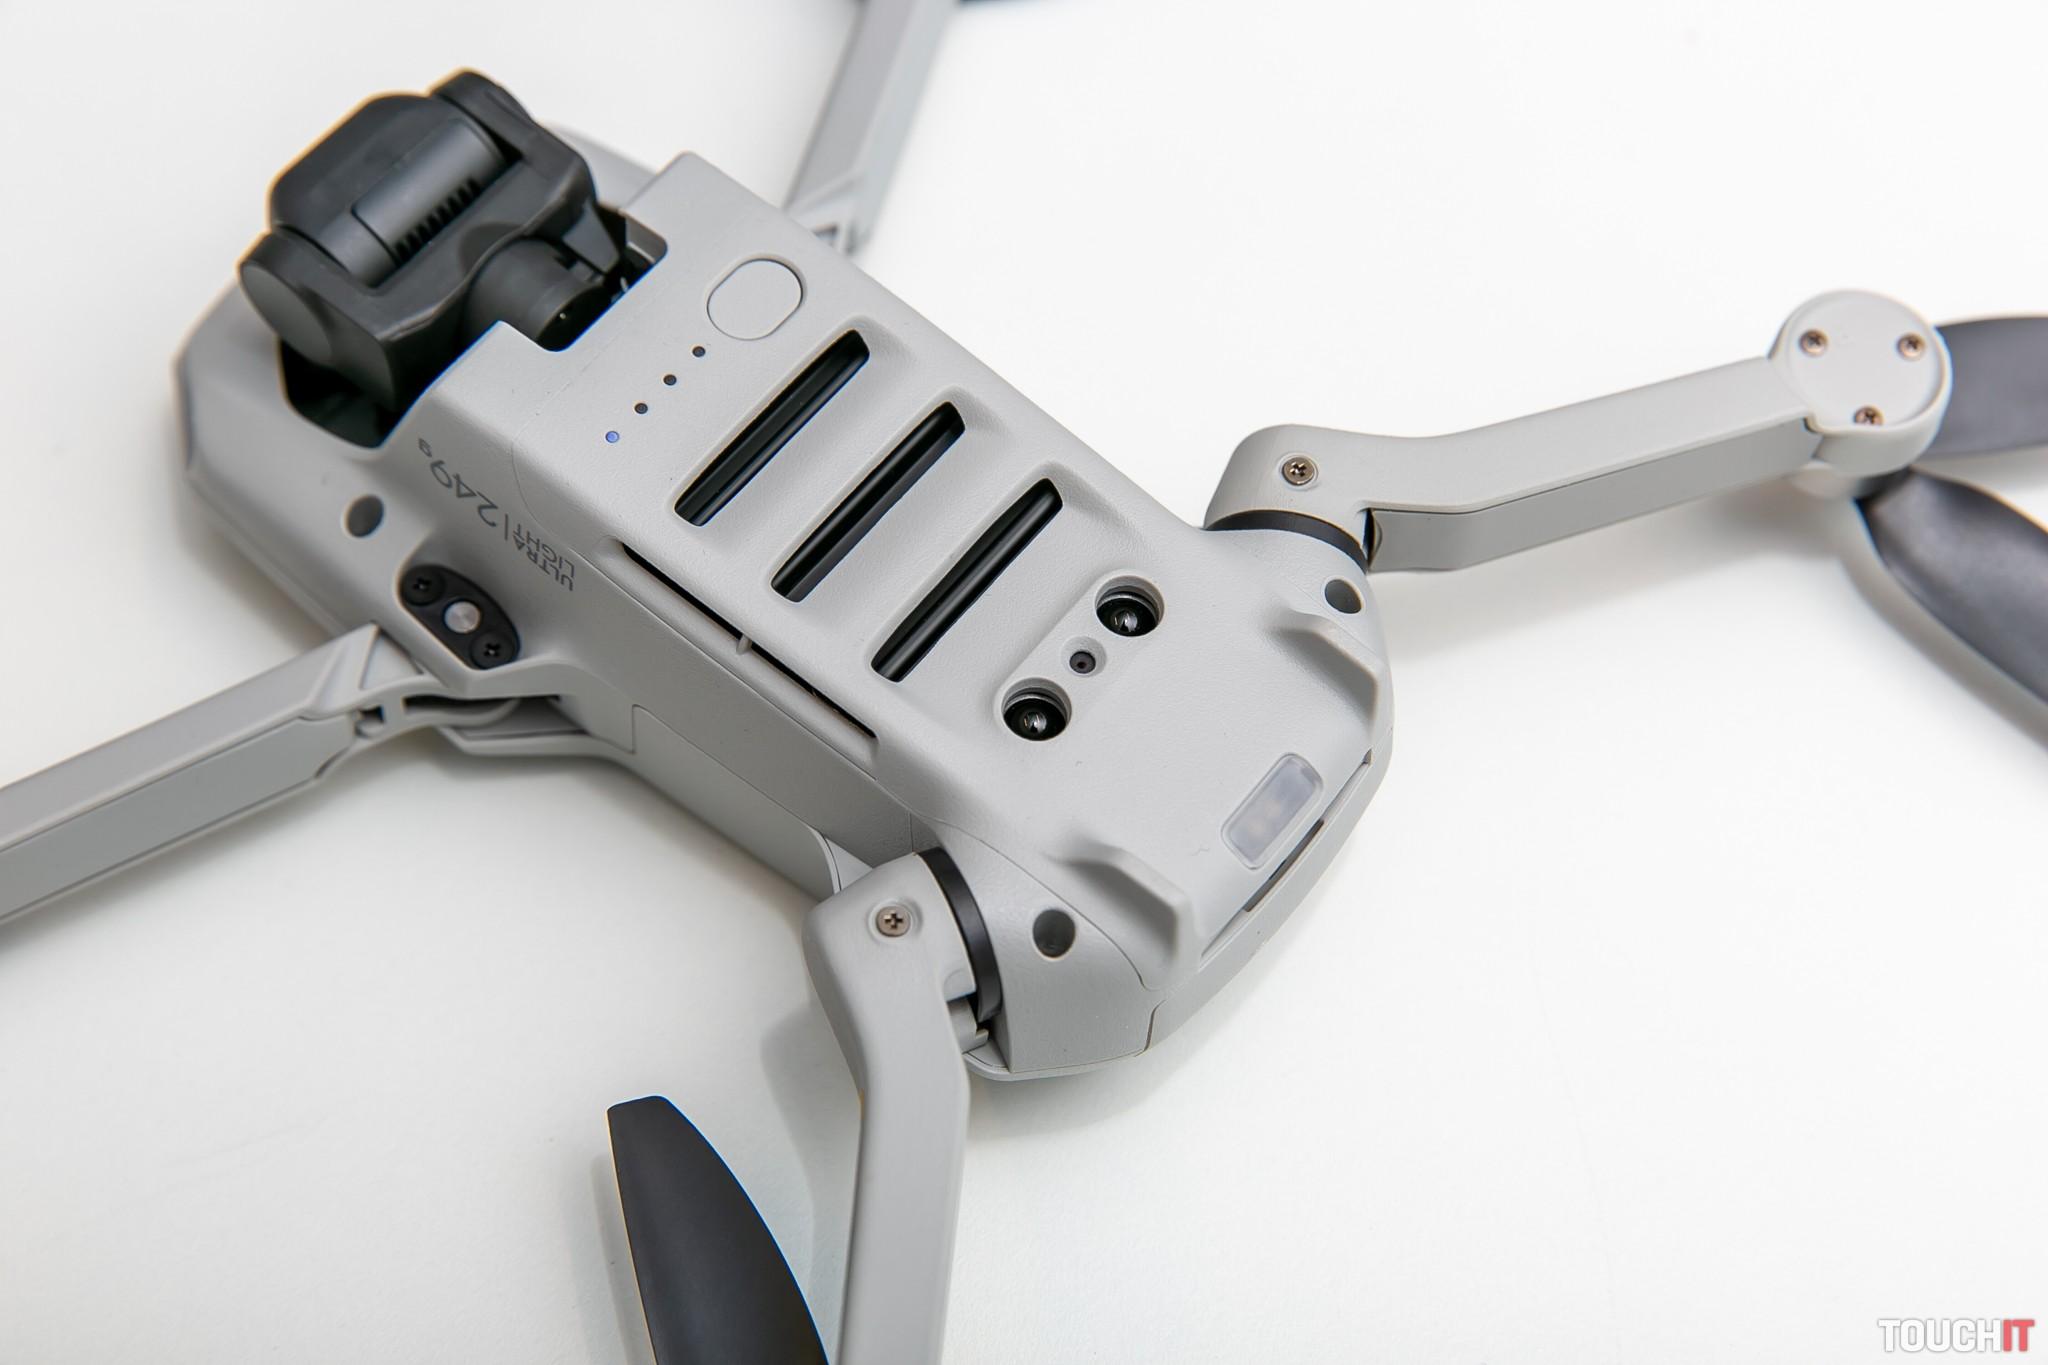 Spodná časť DJI Mavic Mini so zapínacím tlačidlom a snímačmi prekážky